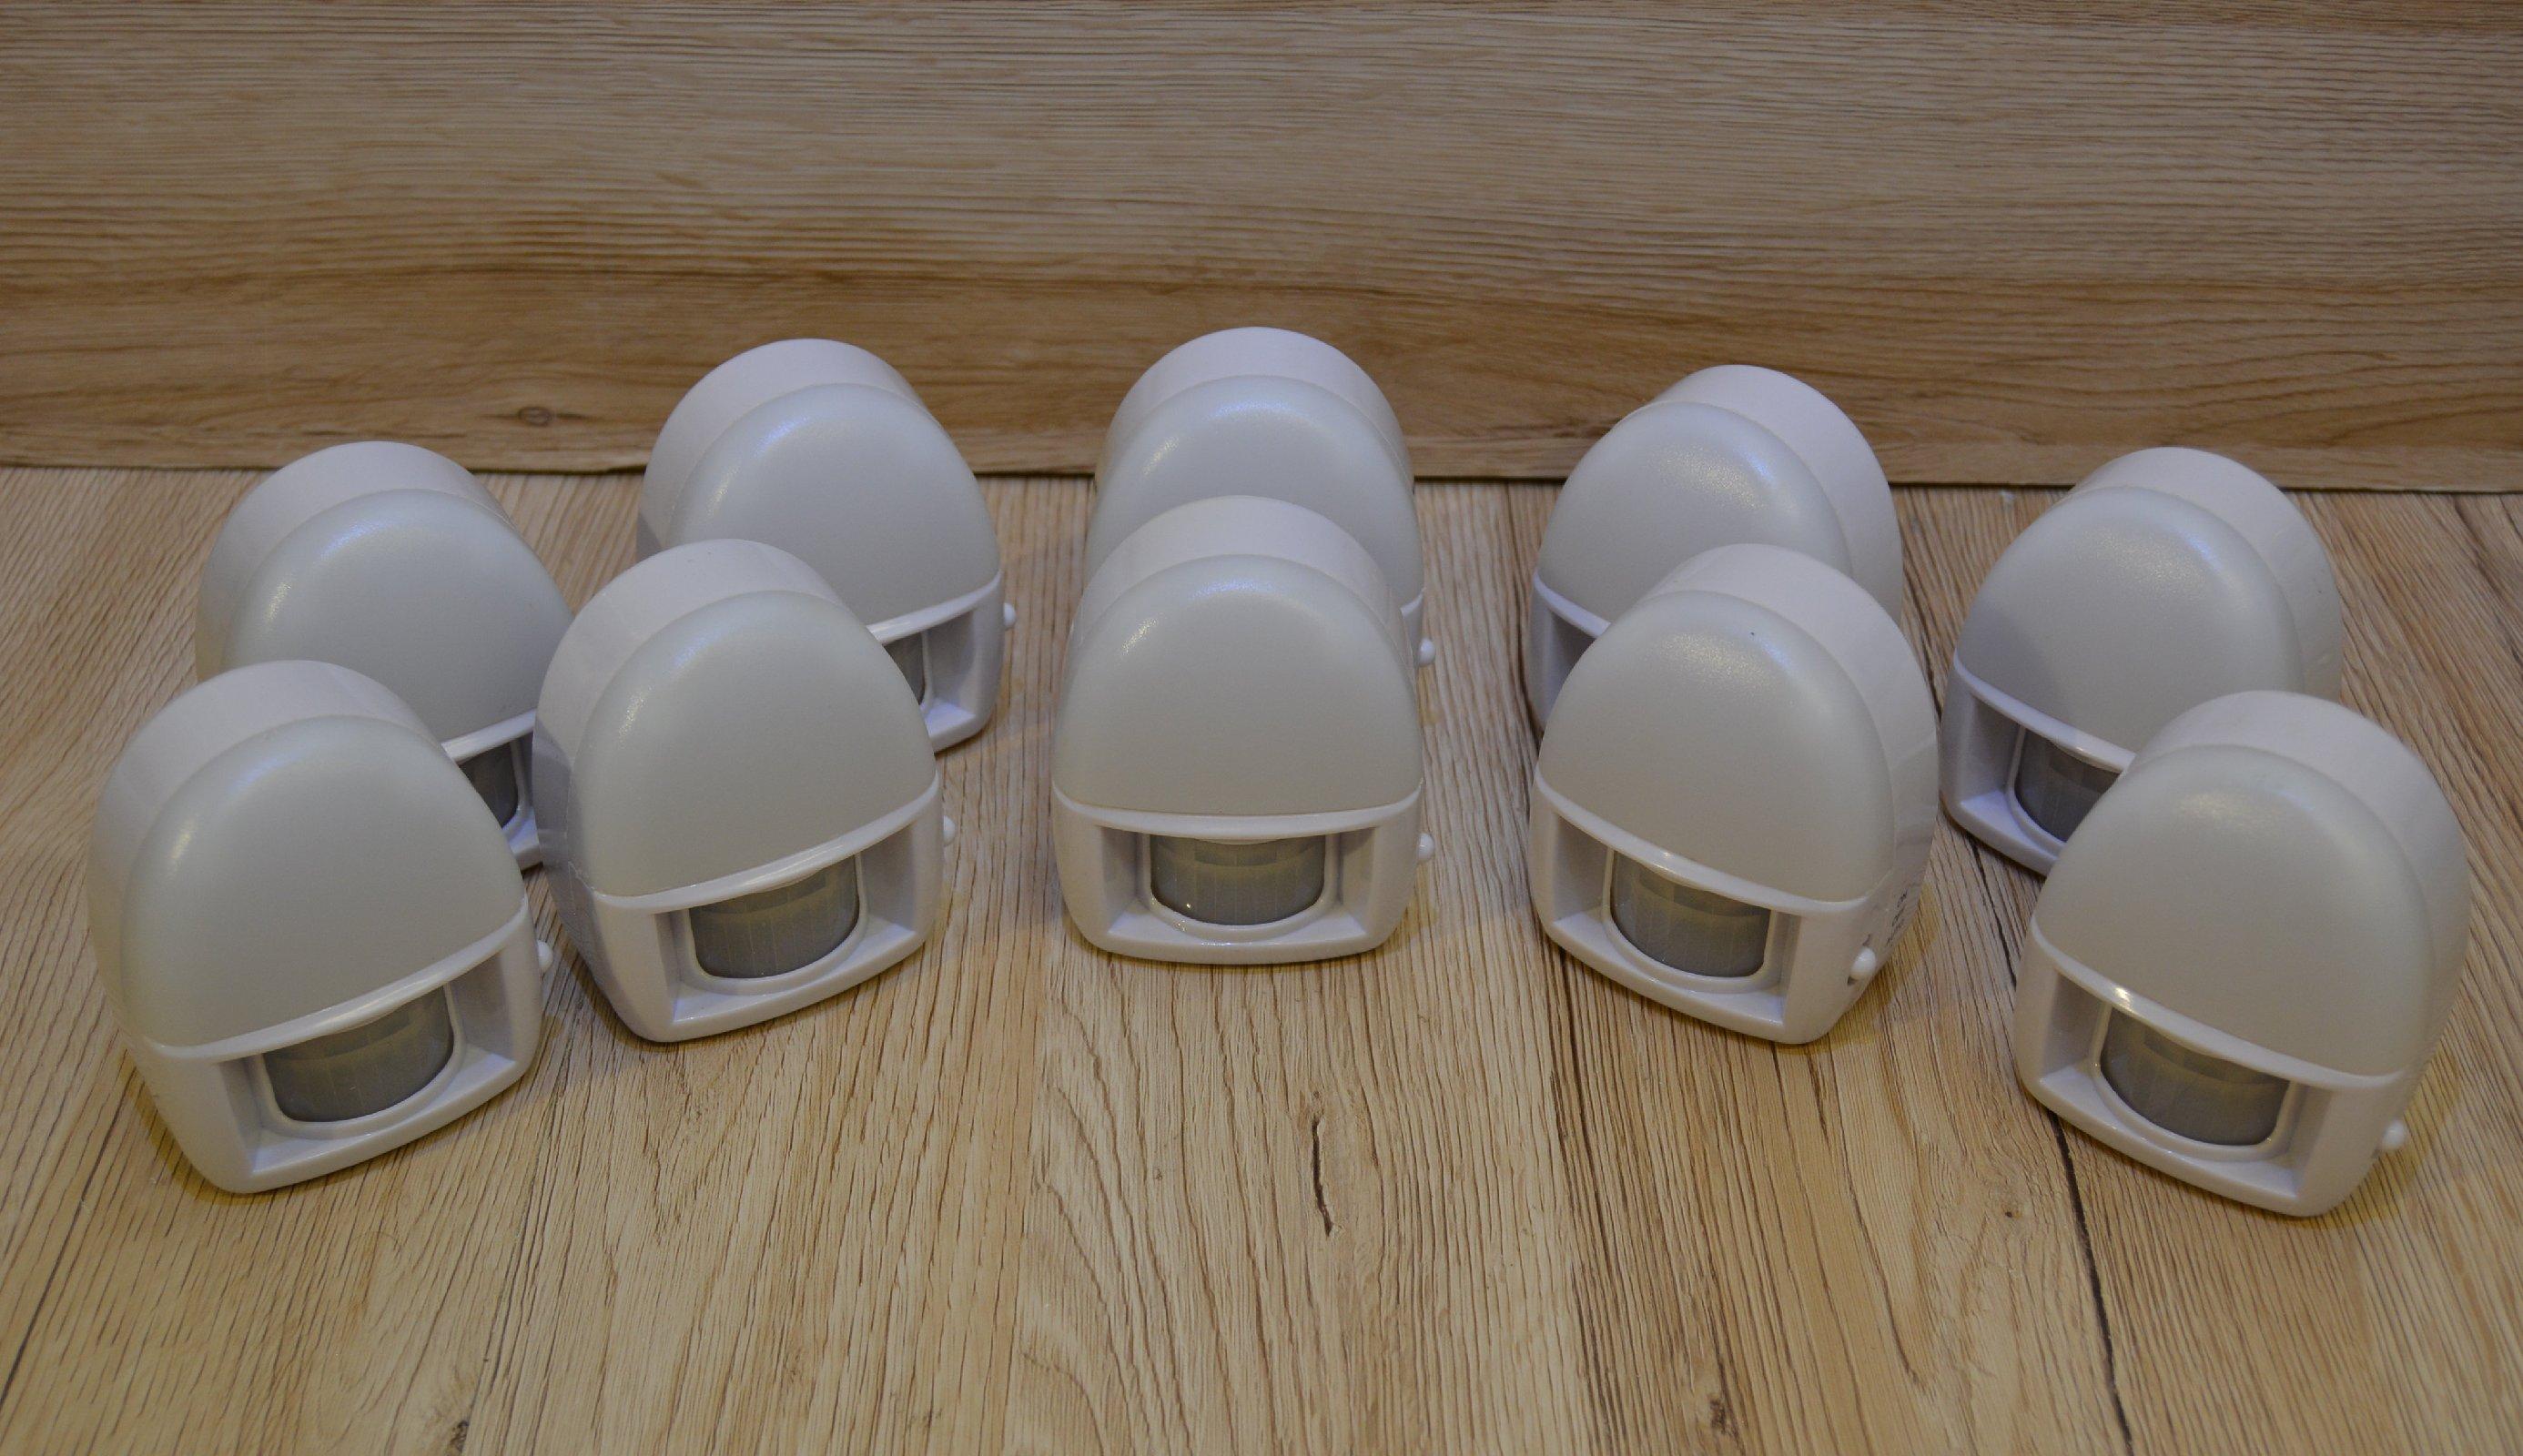 led nachtlicht mit bewegungsmelder batteriebetrieb 3 wei e leds on off auto ebay. Black Bedroom Furniture Sets. Home Design Ideas